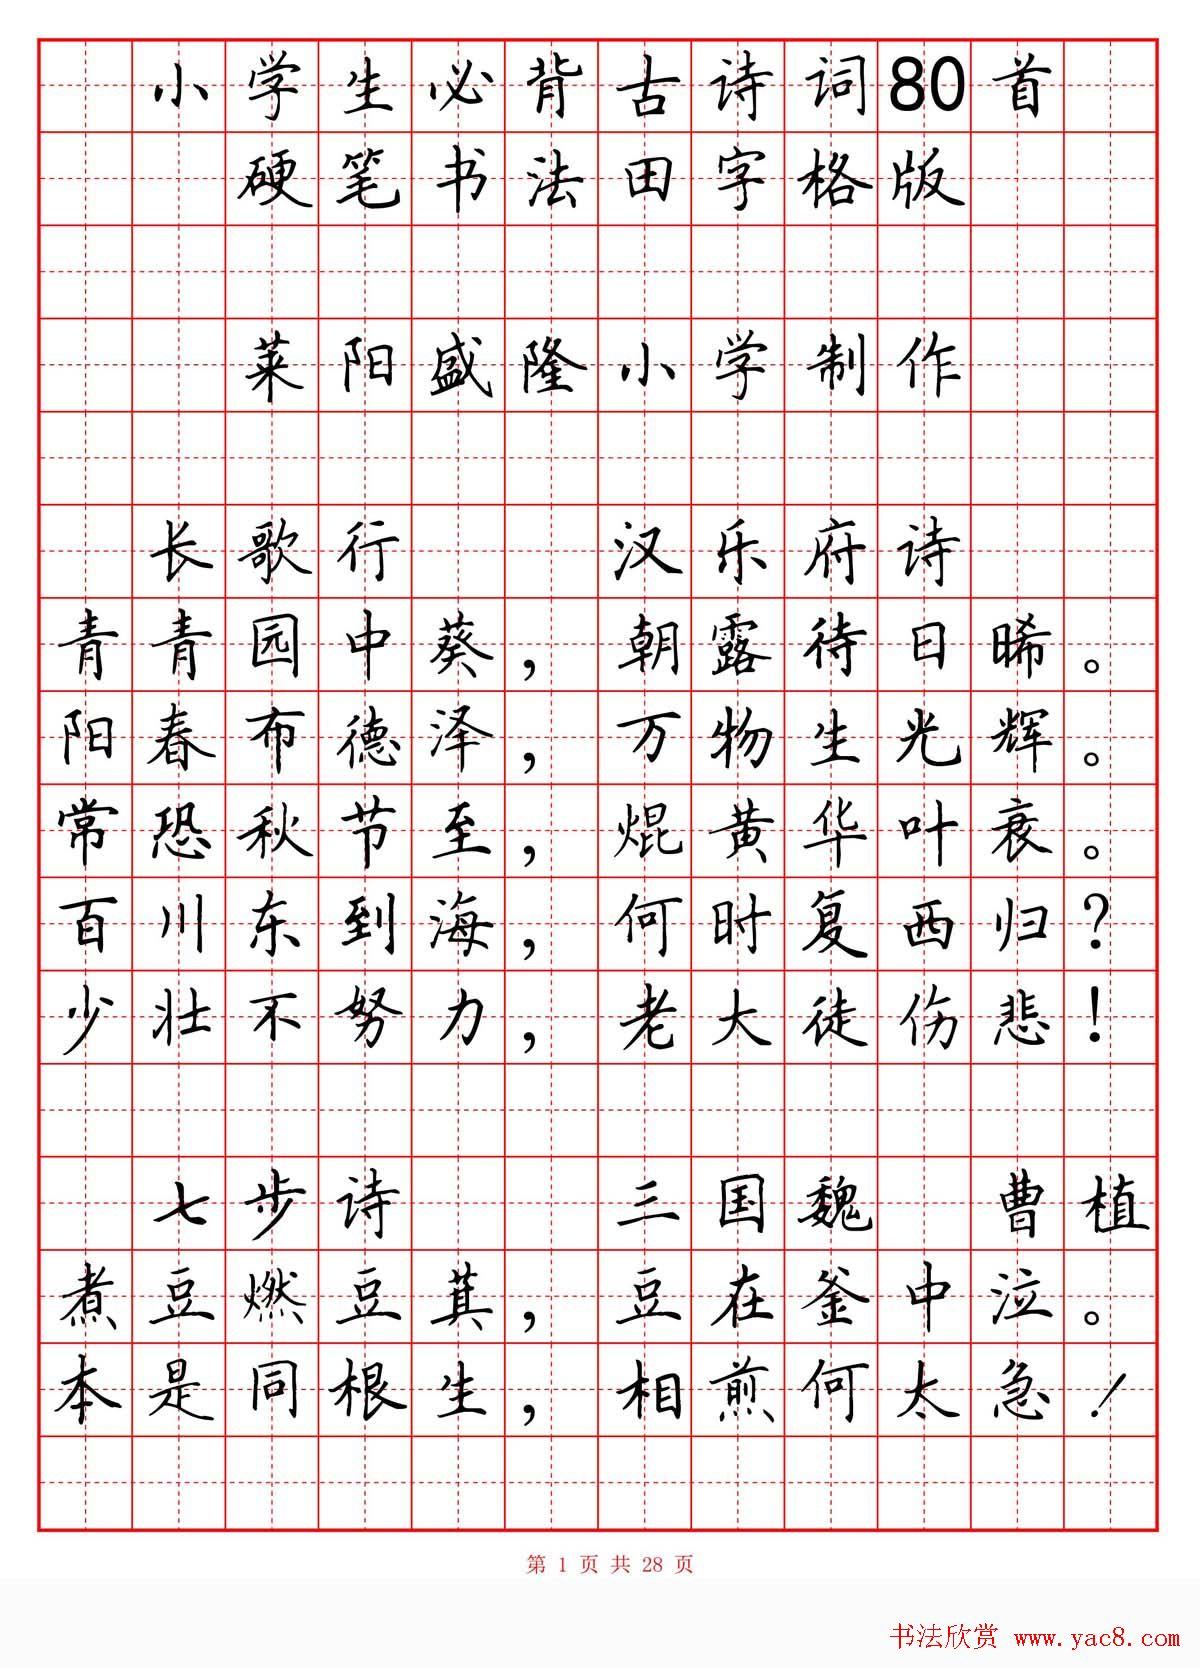 硬笔书法字帖 小学生必背古诗词八十首图片